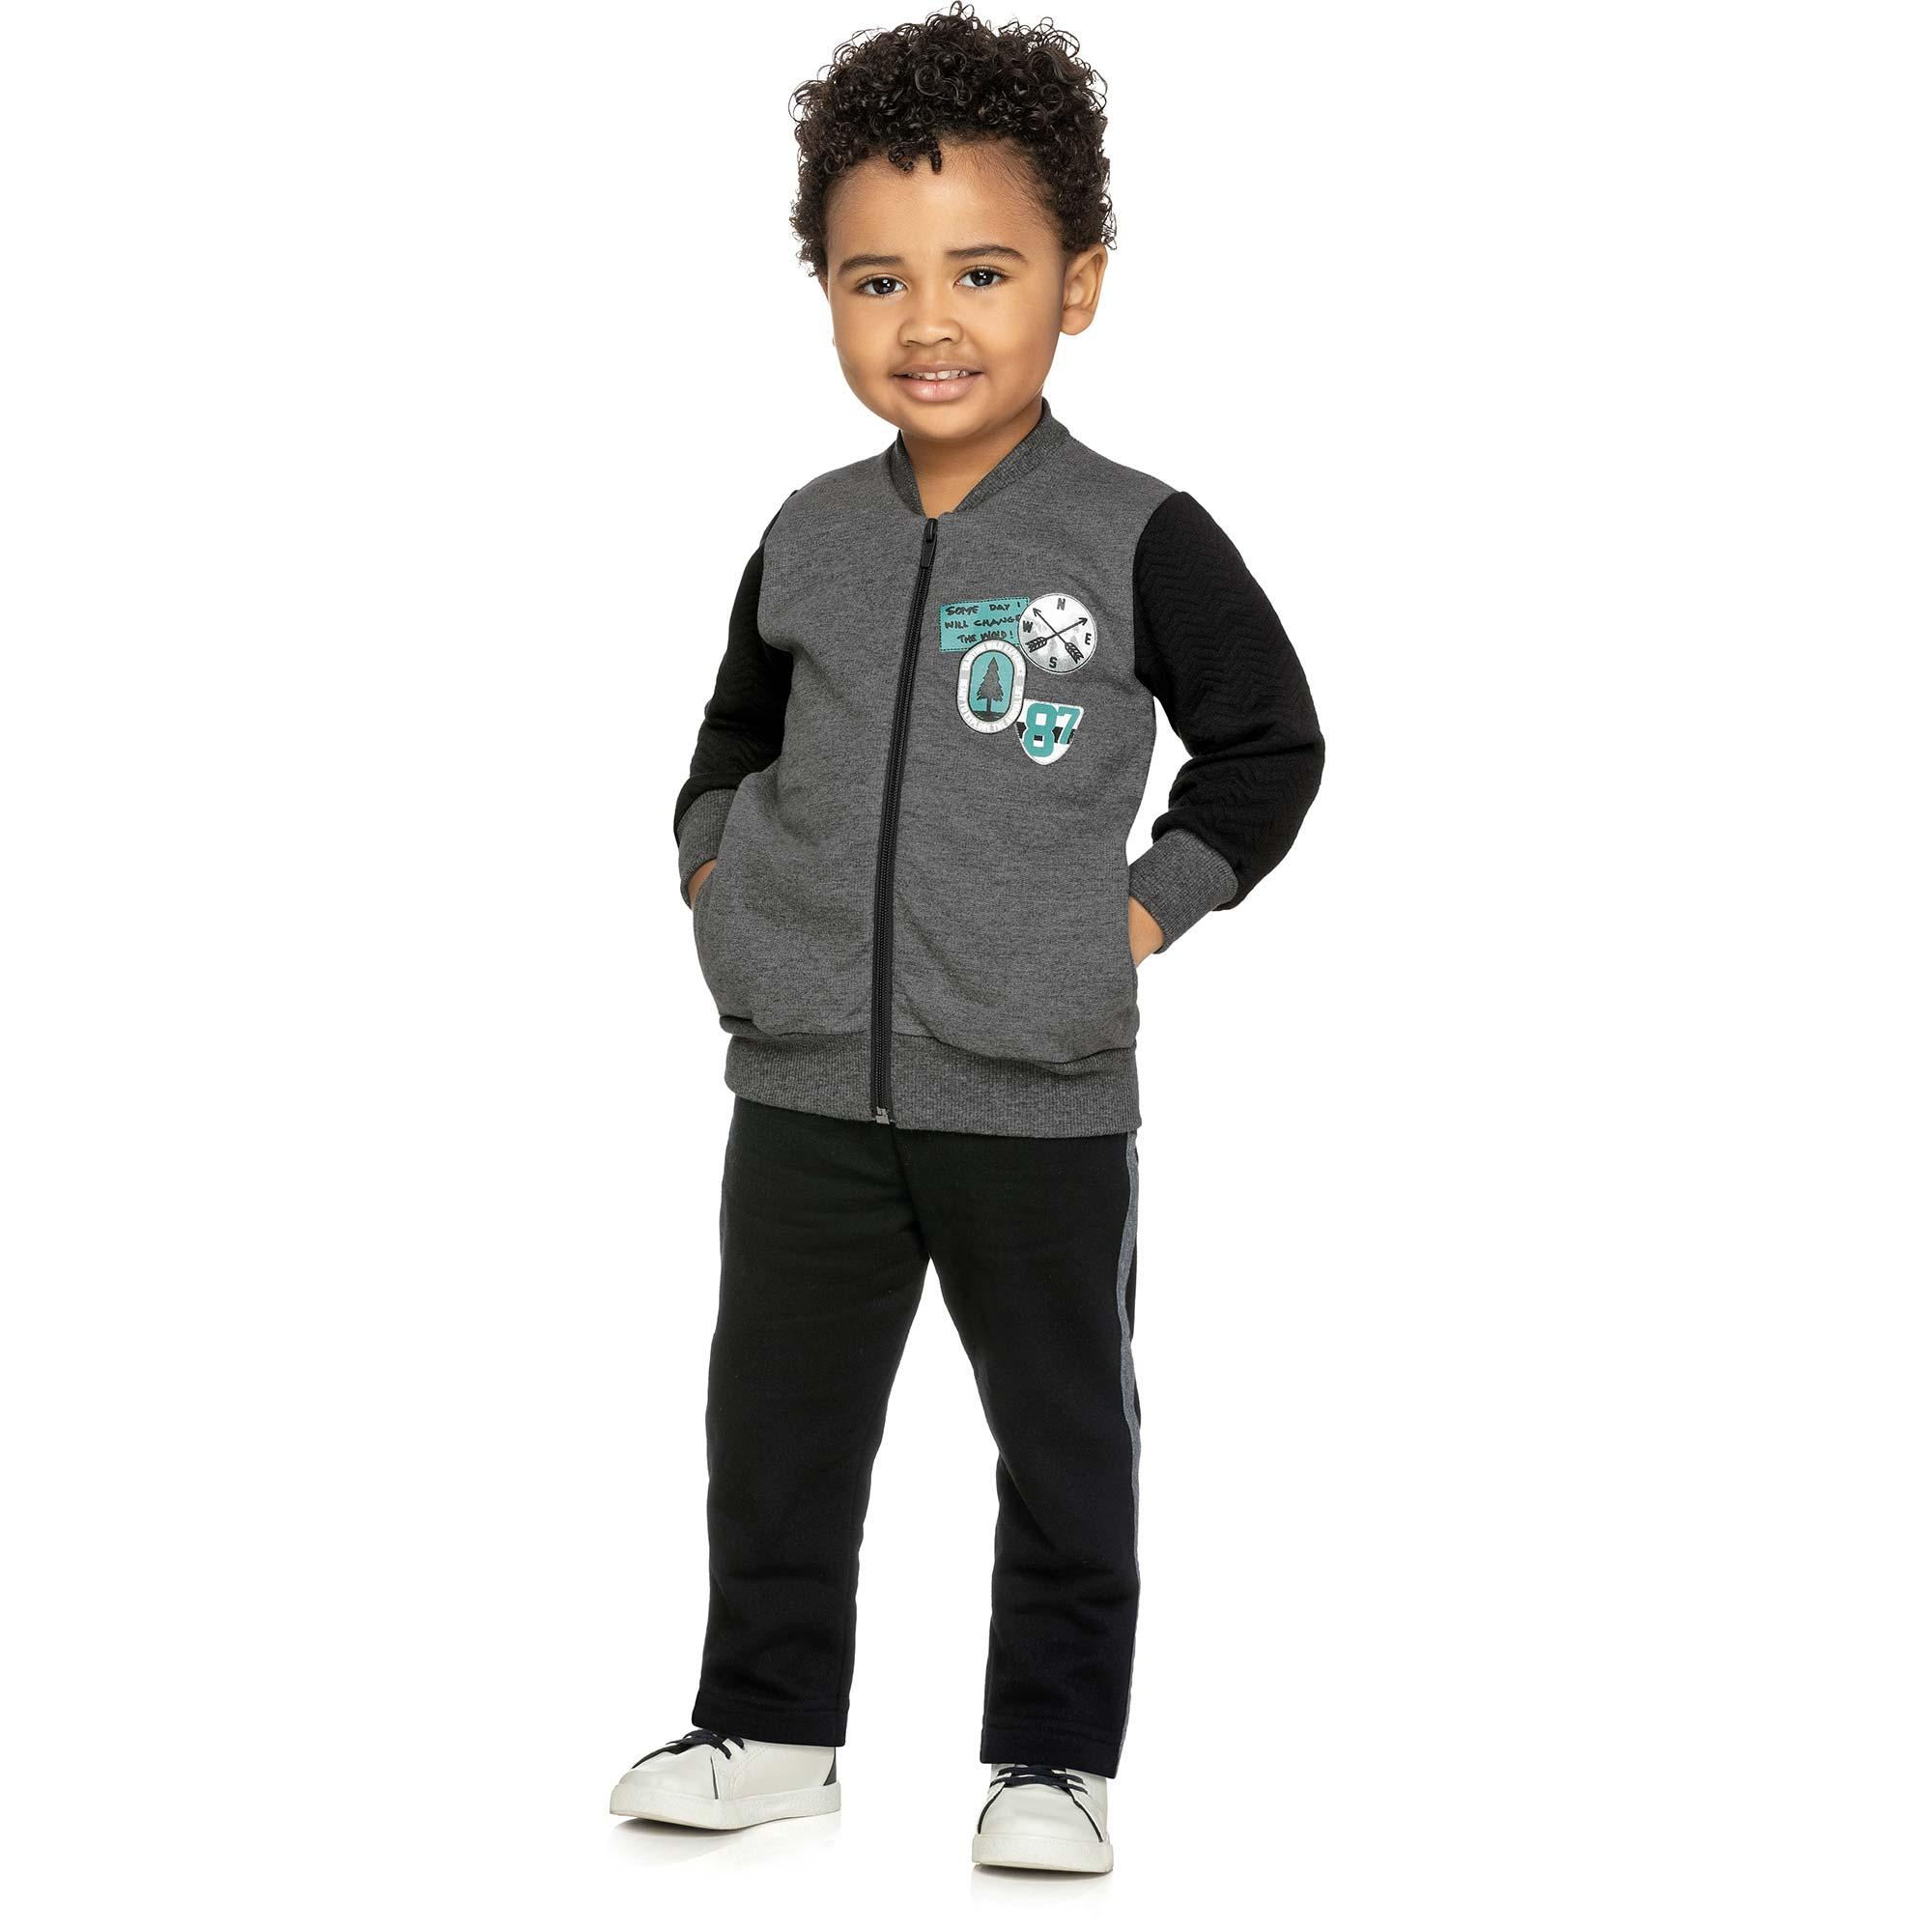 Conjunto Masculino Infantil Elian com Jaqueta e Calça  - Ref 22883